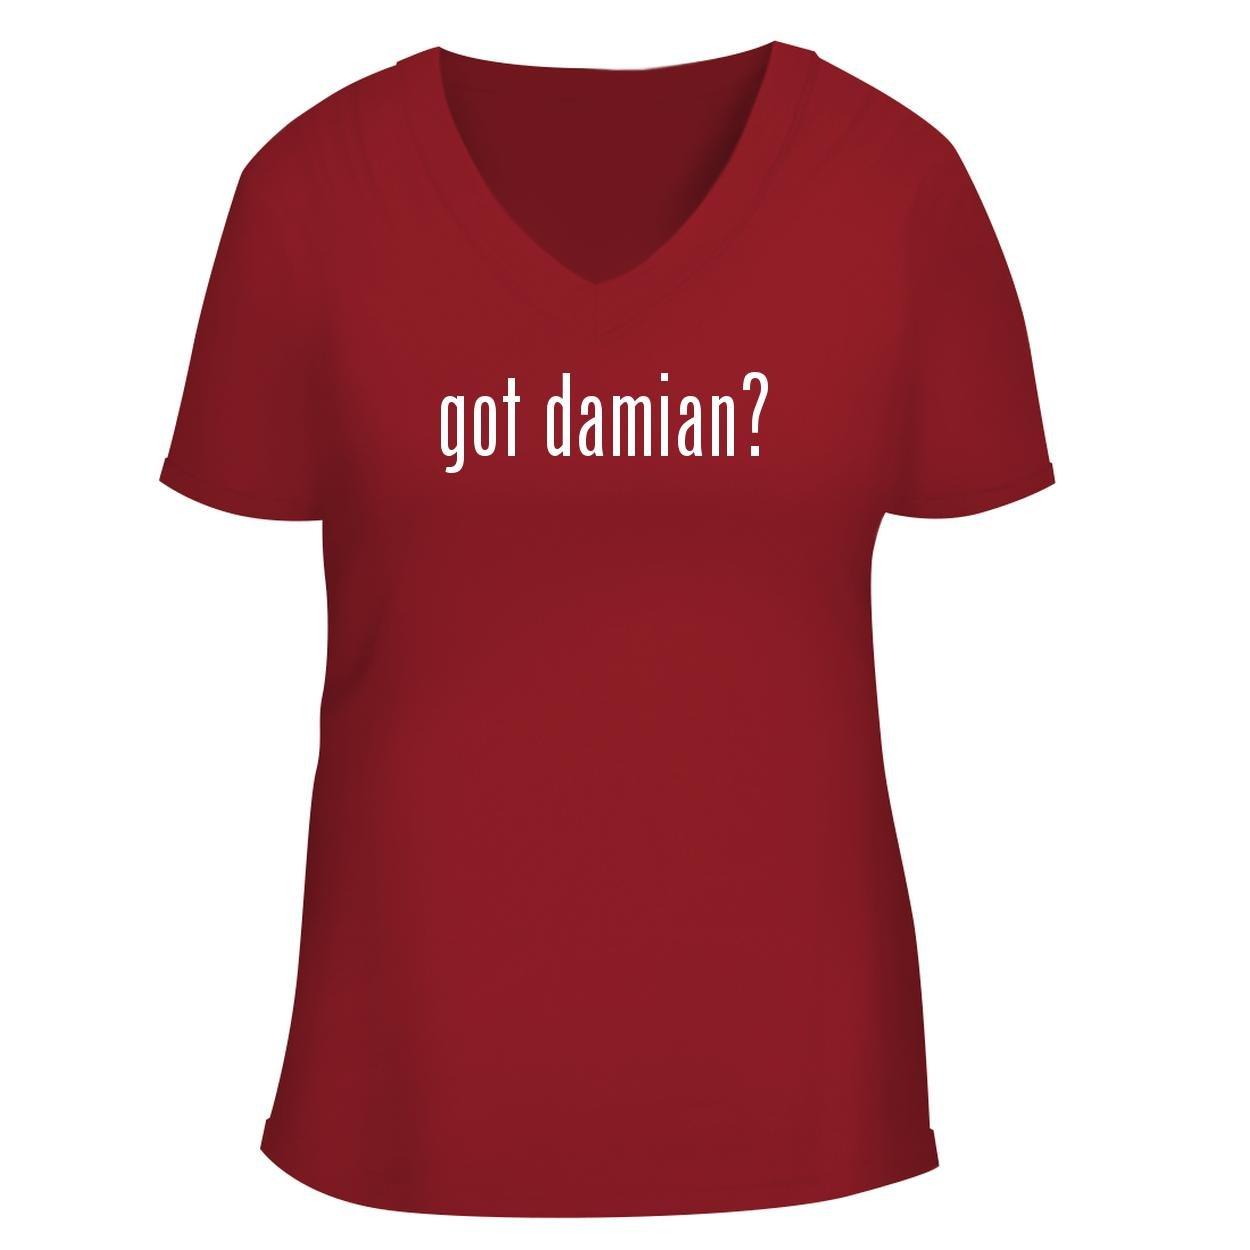 Got Damian Cute Graphic Tee 5838 Shirts